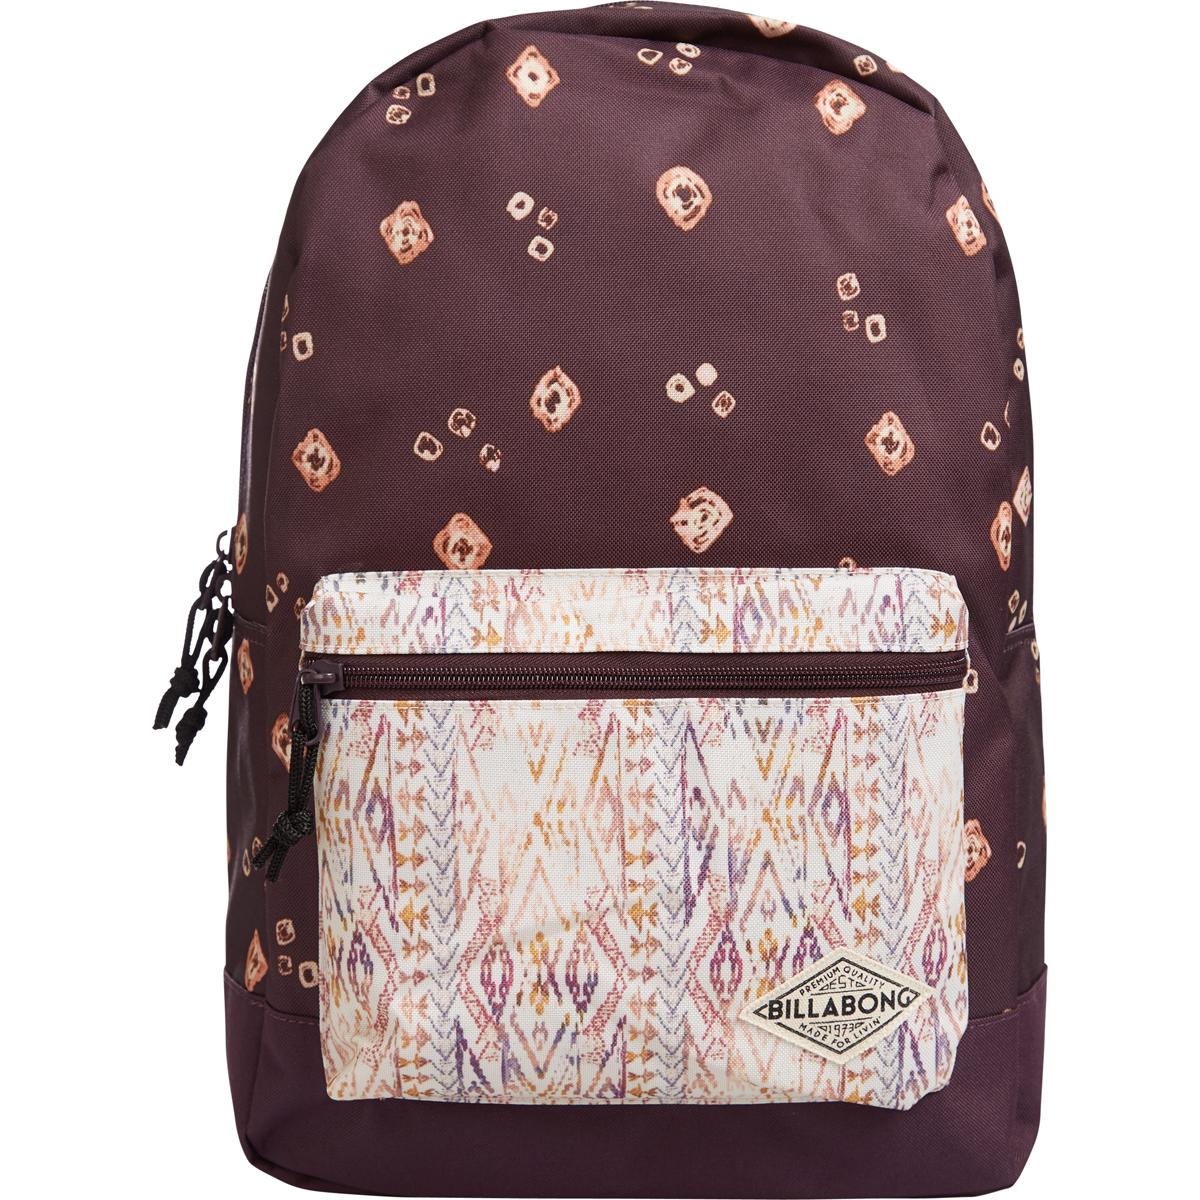 Рюкзак городской женский Billabong Study, цвет: светло-бордовый, 20 л. Z9BP040054558 ТаймырСтильный женский рюказк с необычными цветовыми решениями. Есть все самое необхадимое, отсекдля ноутбука и для мелких канцелярских принадлежностей.